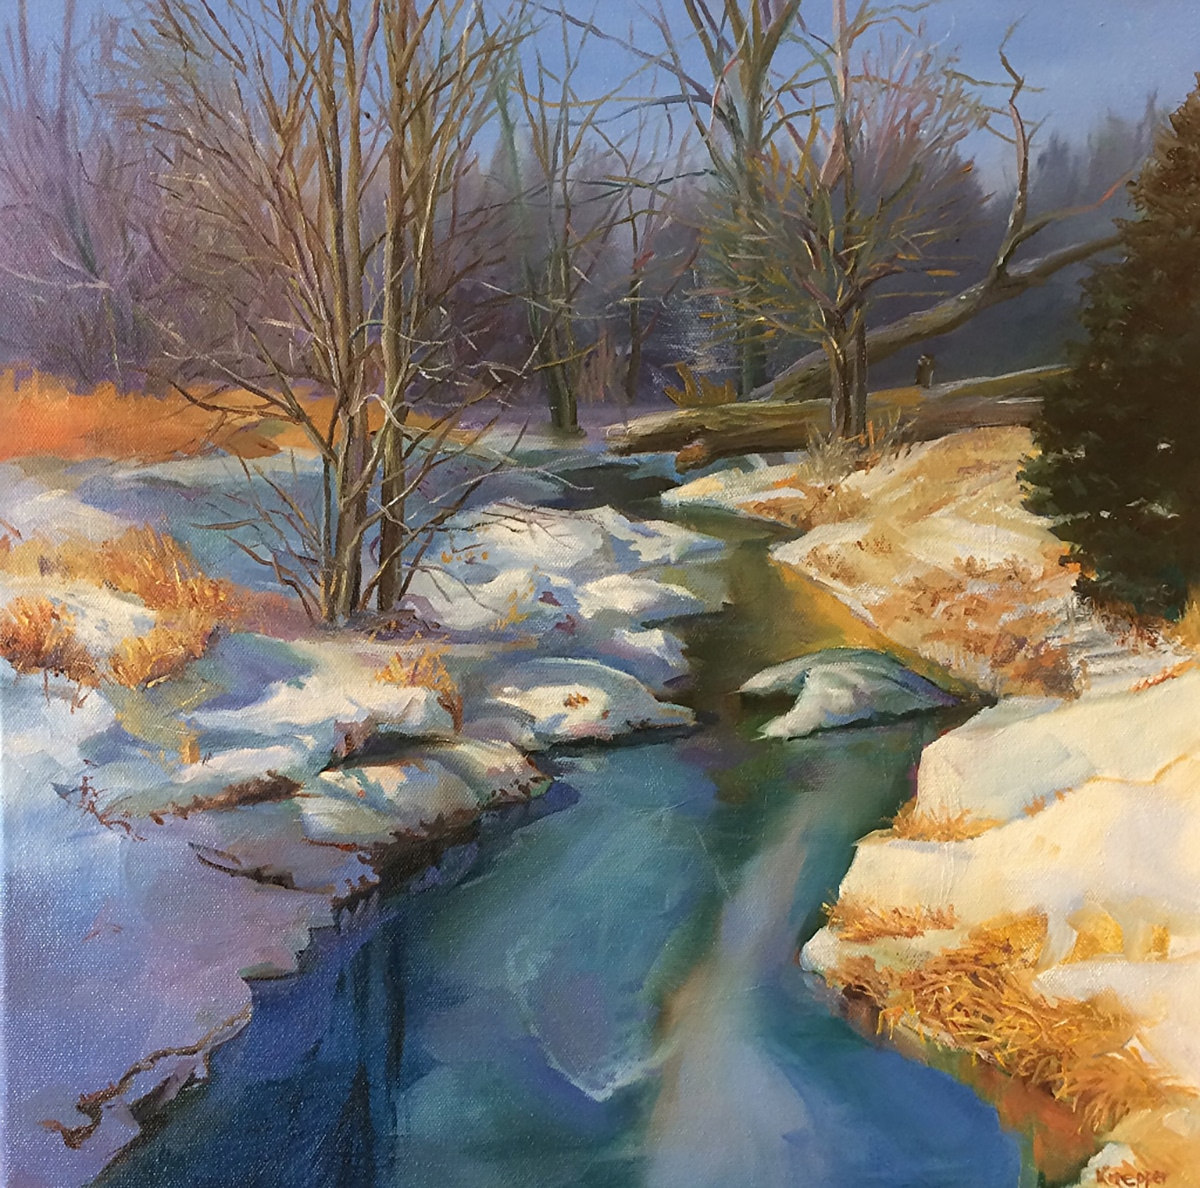 Dan Knepper, Winter Glow